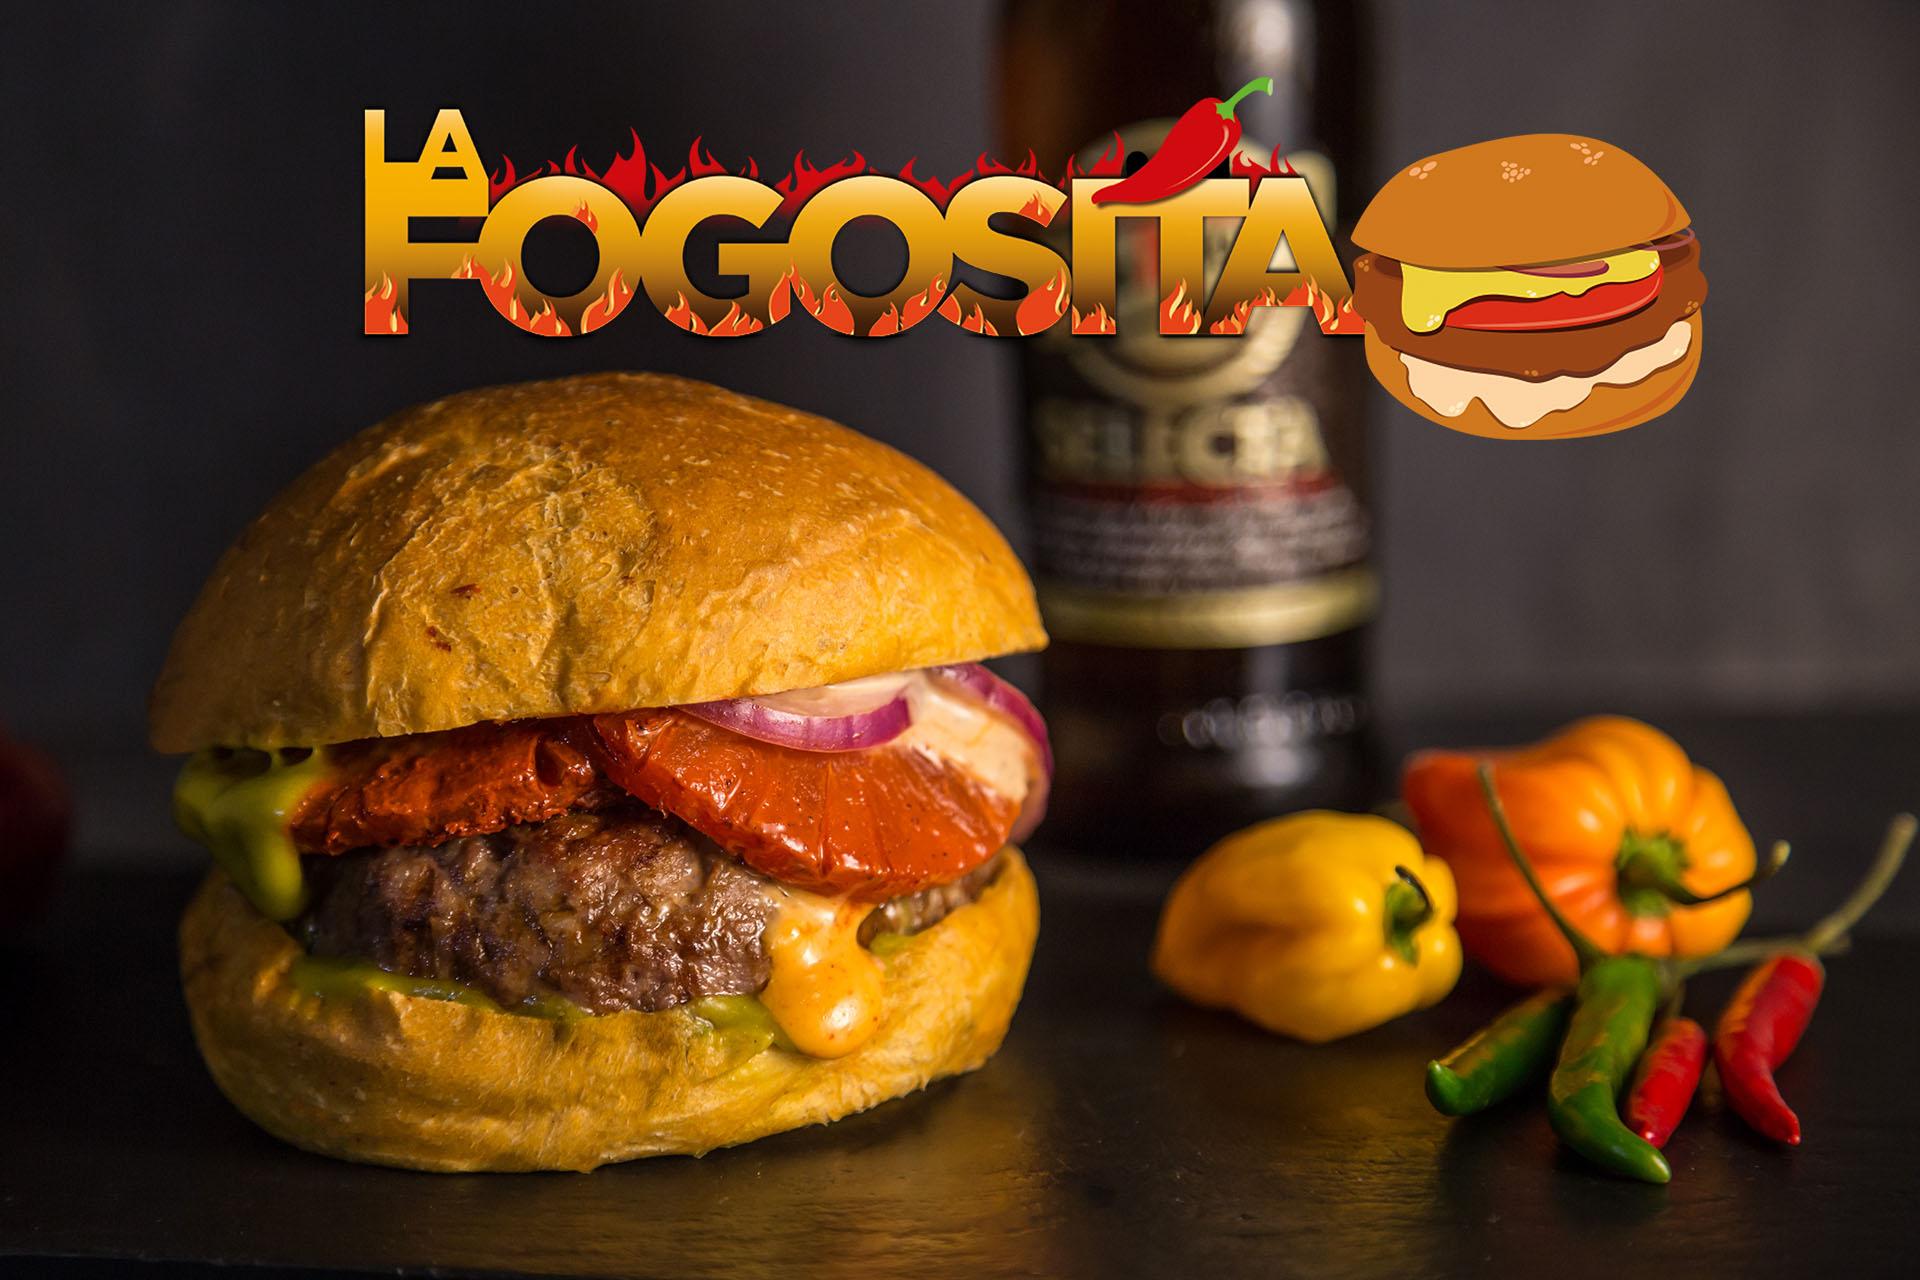 hamburguesa-lafogosita-inkaburg